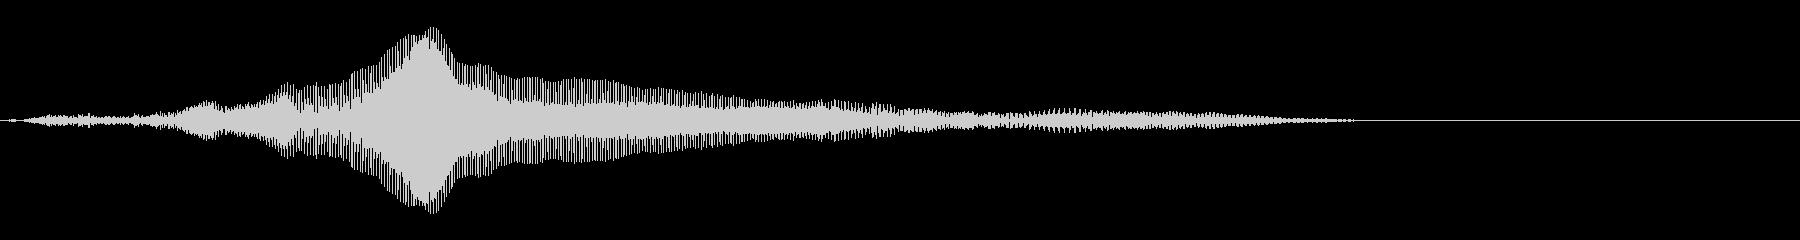 ヒューッの未再生の波形